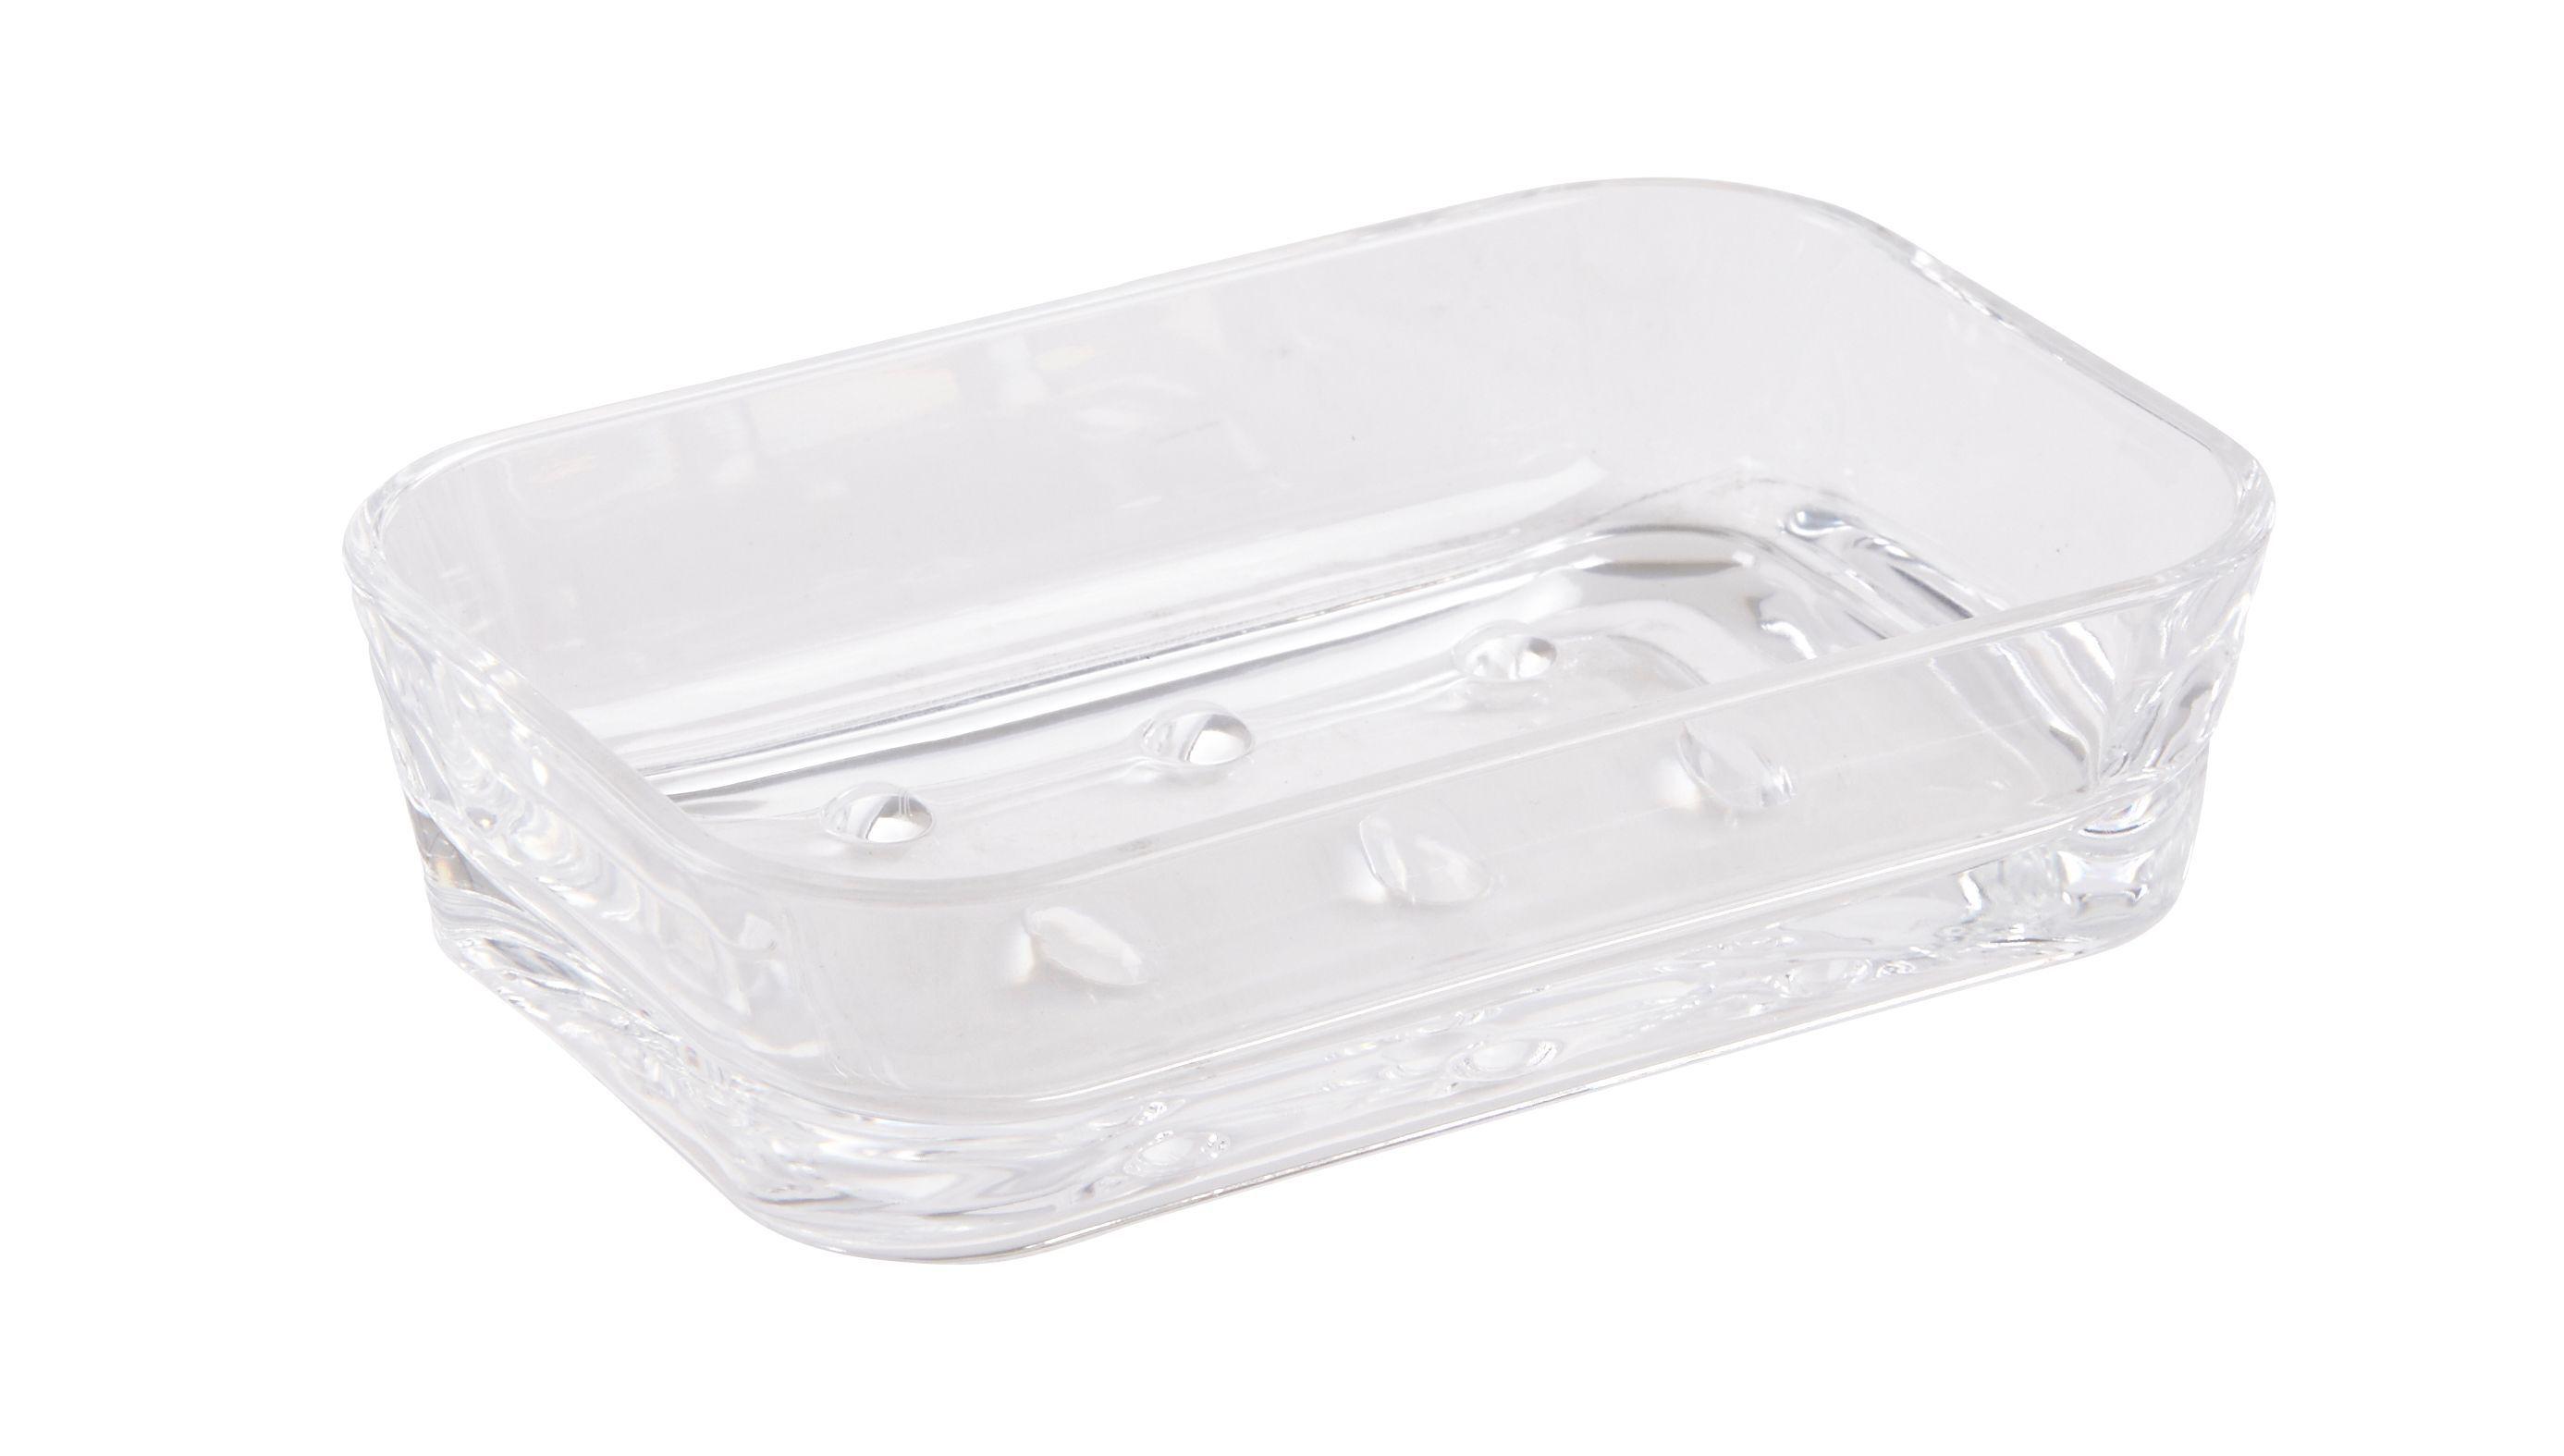 Cooke & Lewis Plexi Transparent Gloss Soap Dish